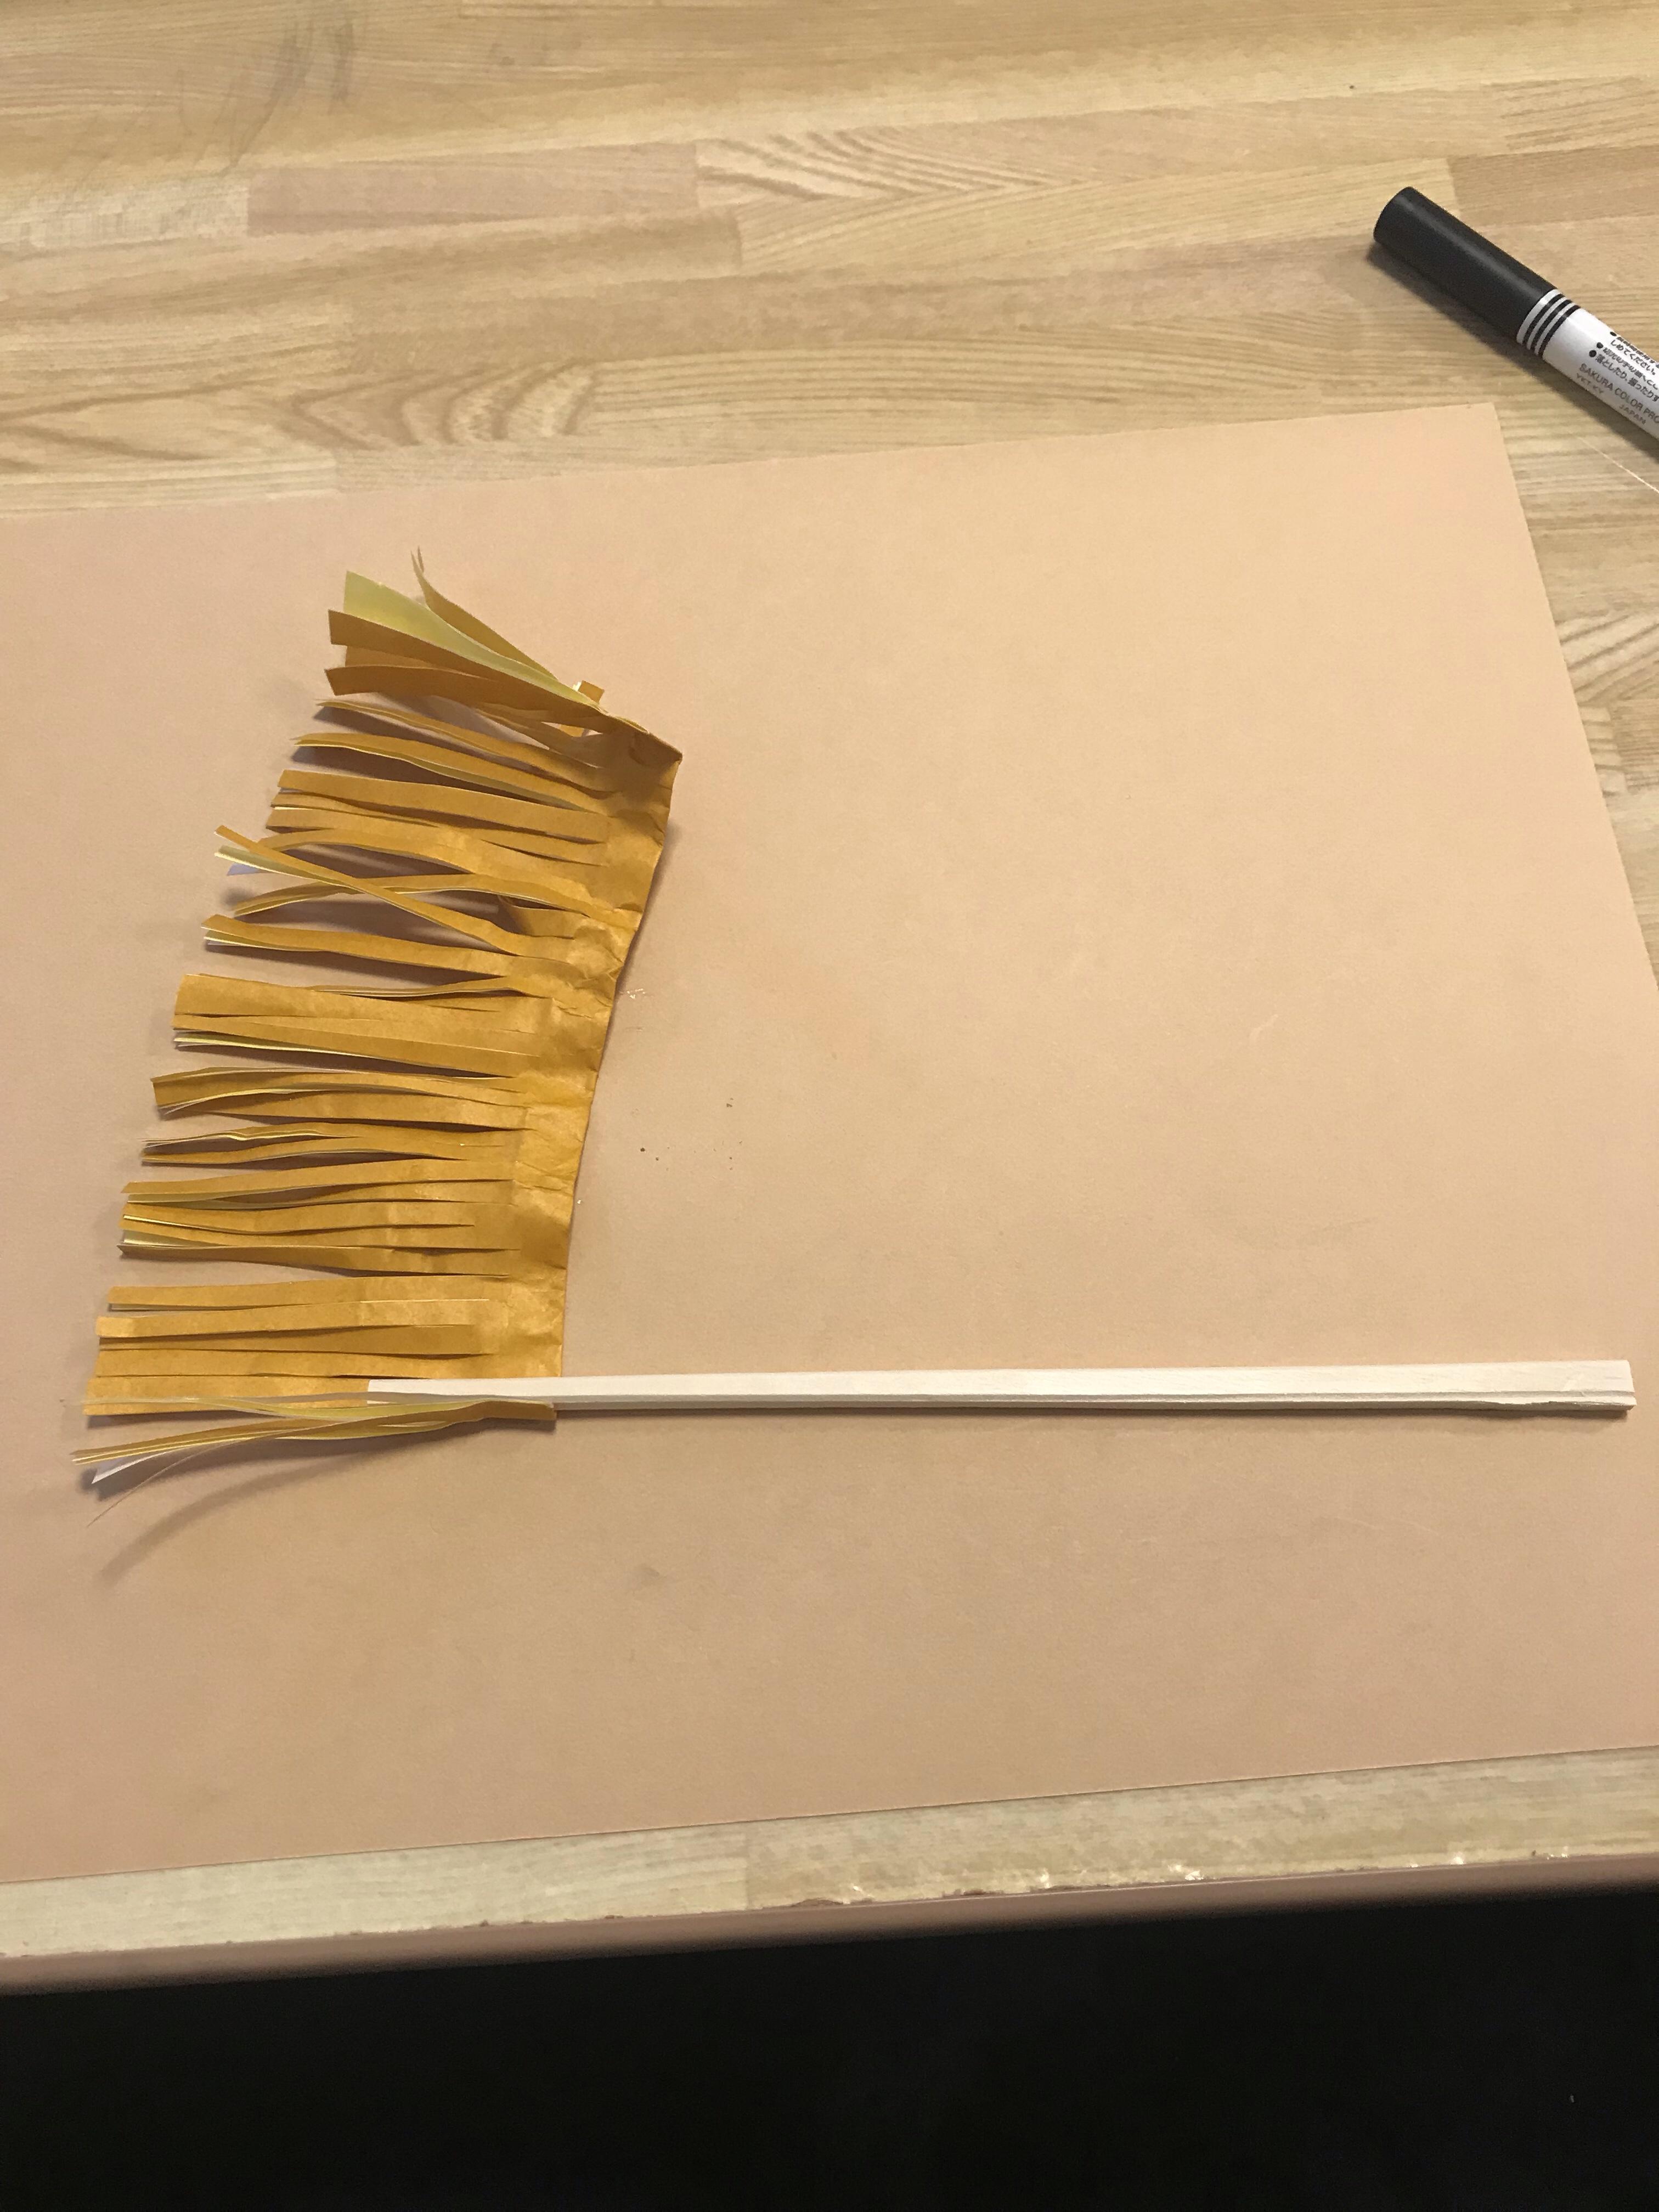 こんな感じで割箸と折り紙を配置して、ぐるぐると巻き付けていきます。という写真